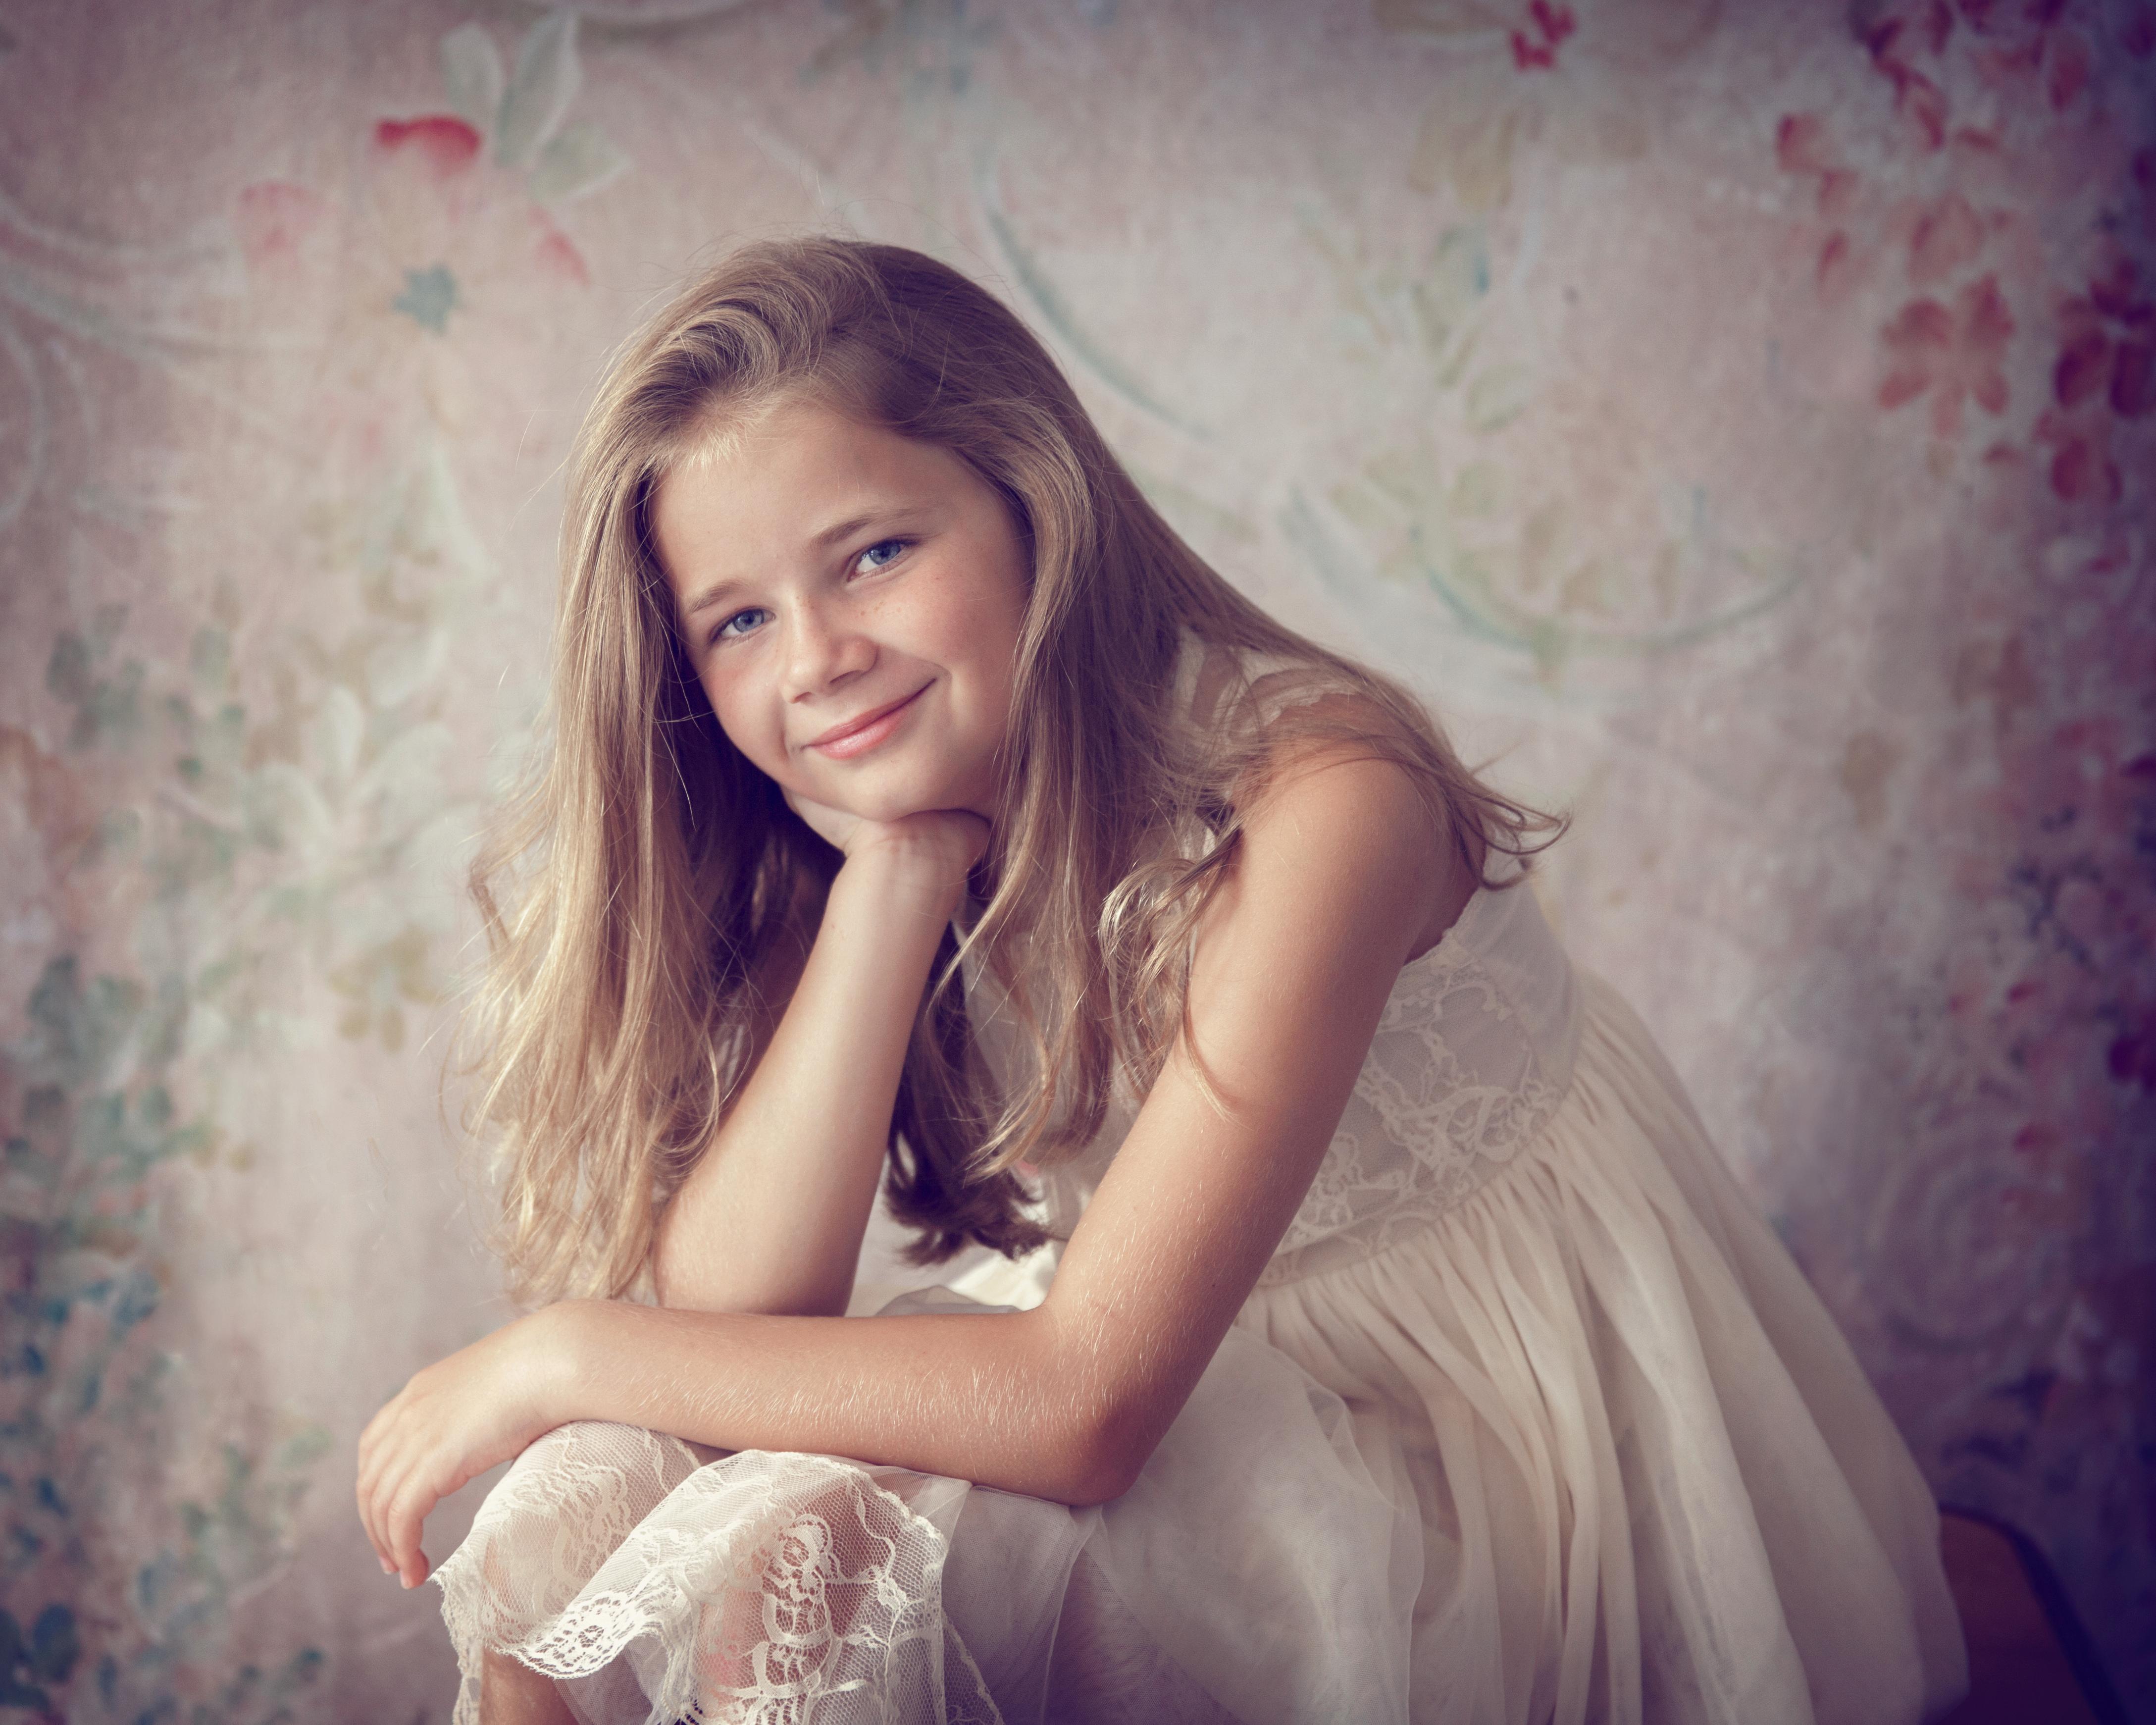 Kingwood child photographer